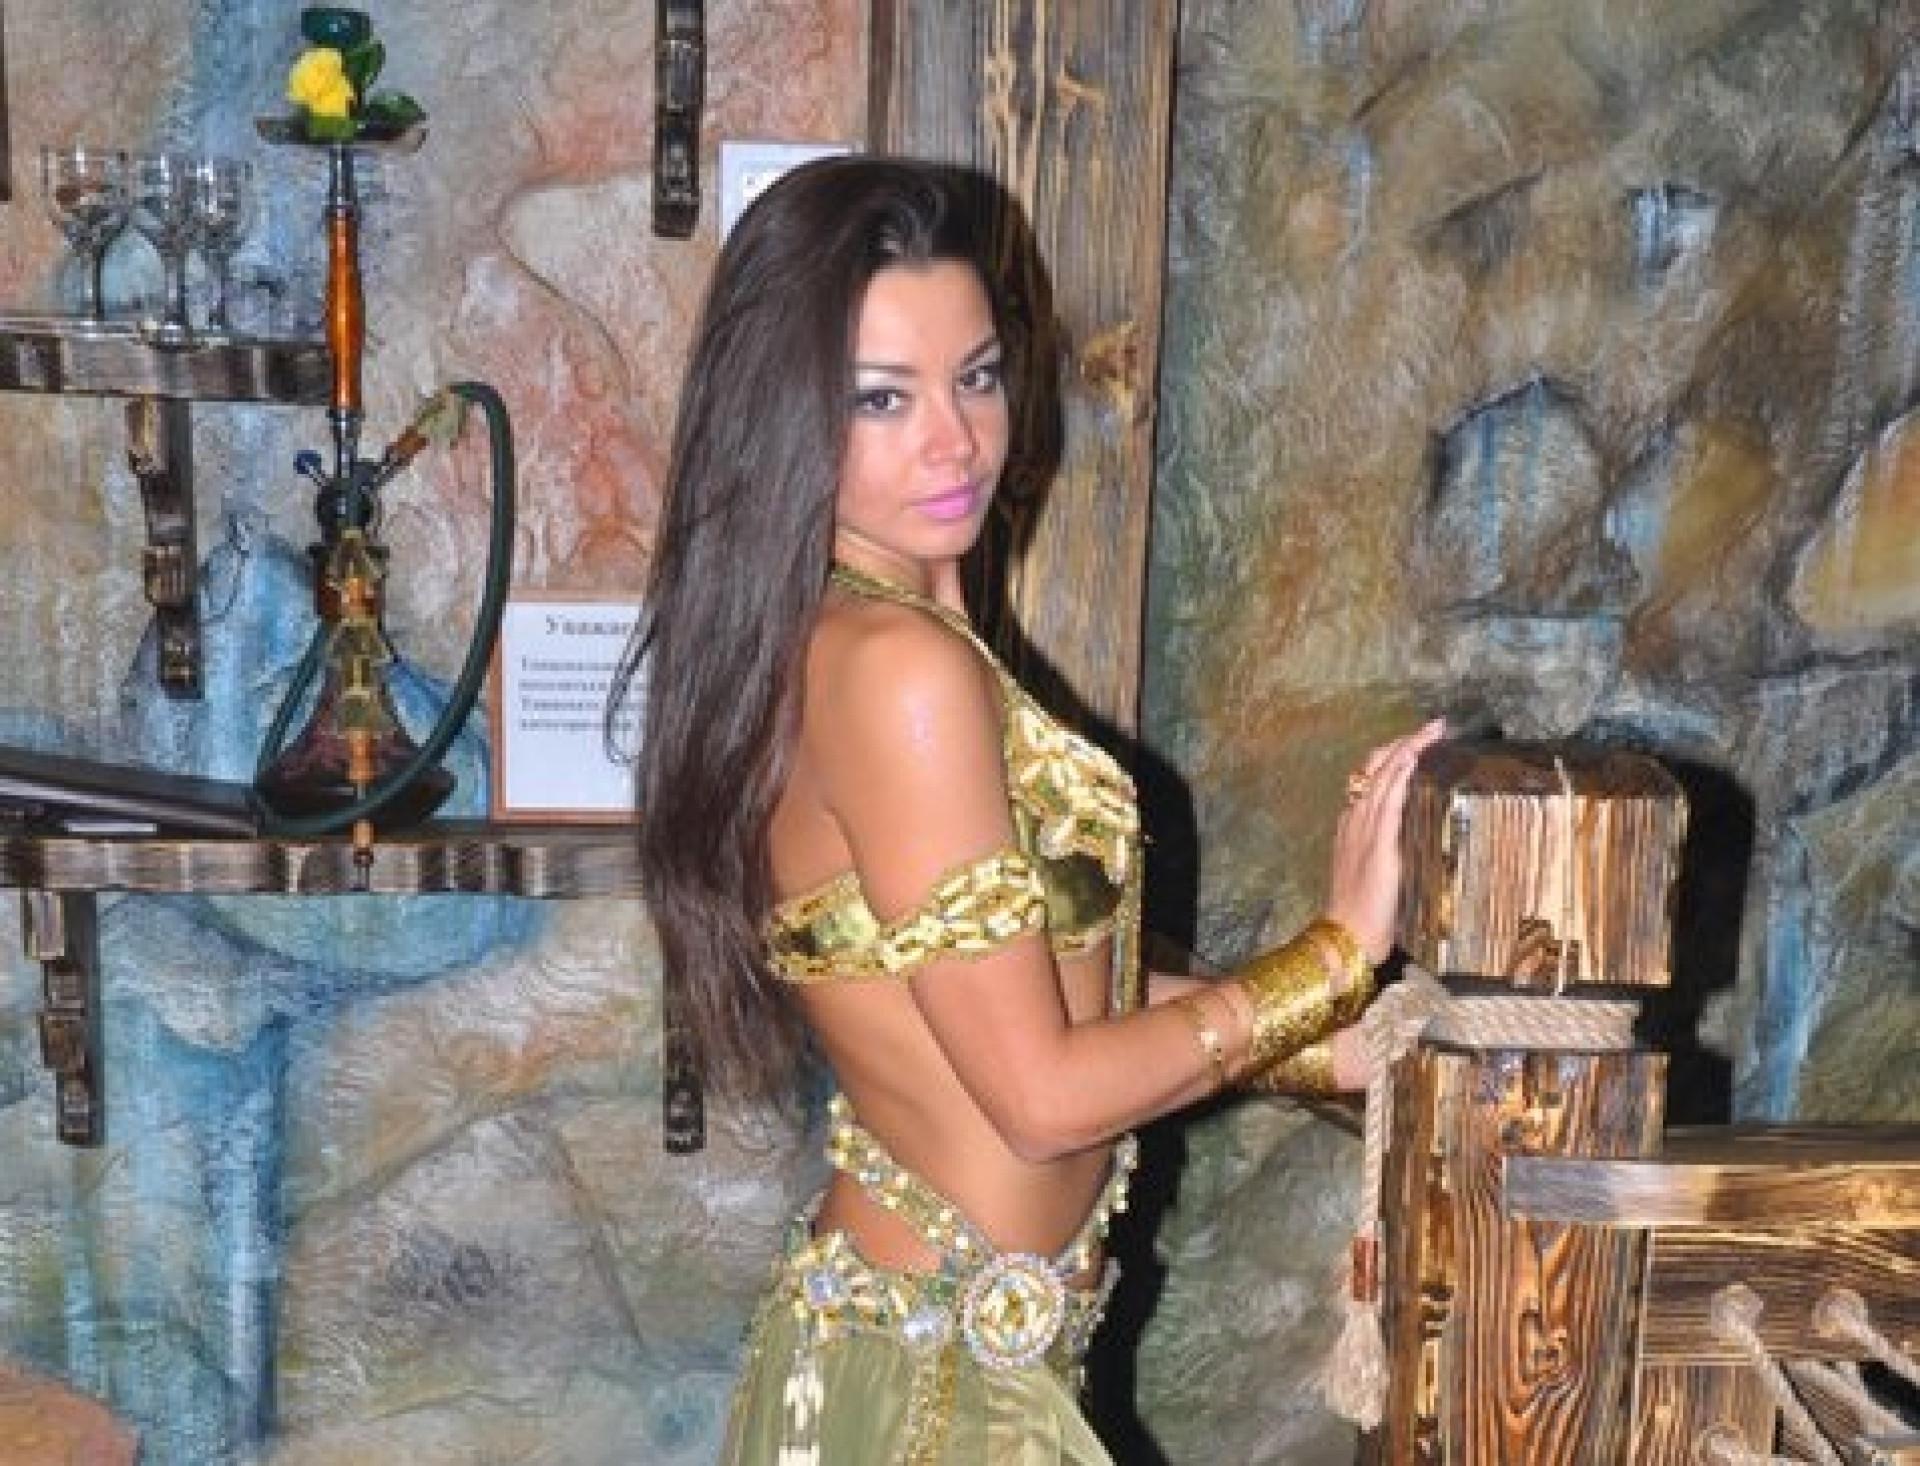 Bailarina russa detida por ser demasiado sensual